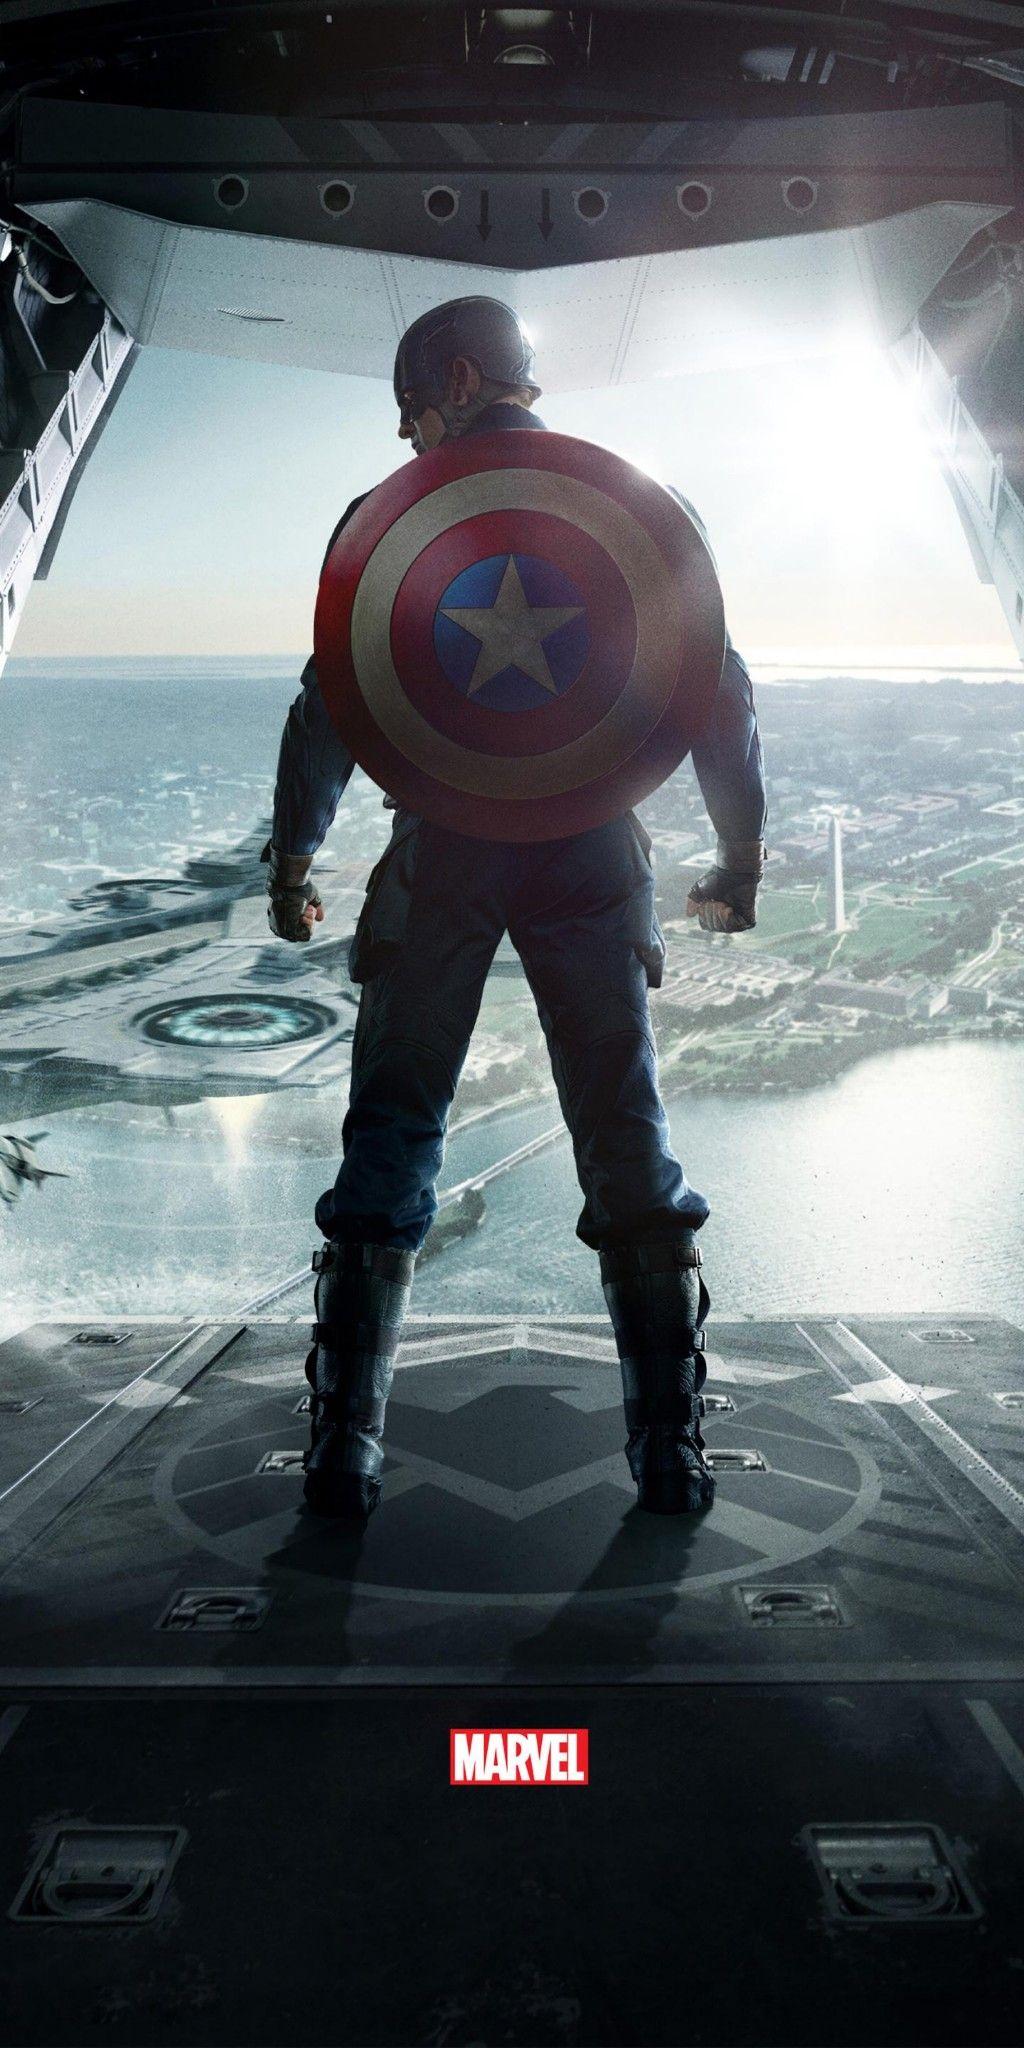 Captain America Soldat De L Hiver : captain, america, soldat, hiver, Captain, America, Soldat, L'hiver, D'écran, America,, Héros, Marvel,, Avengers, Personnages